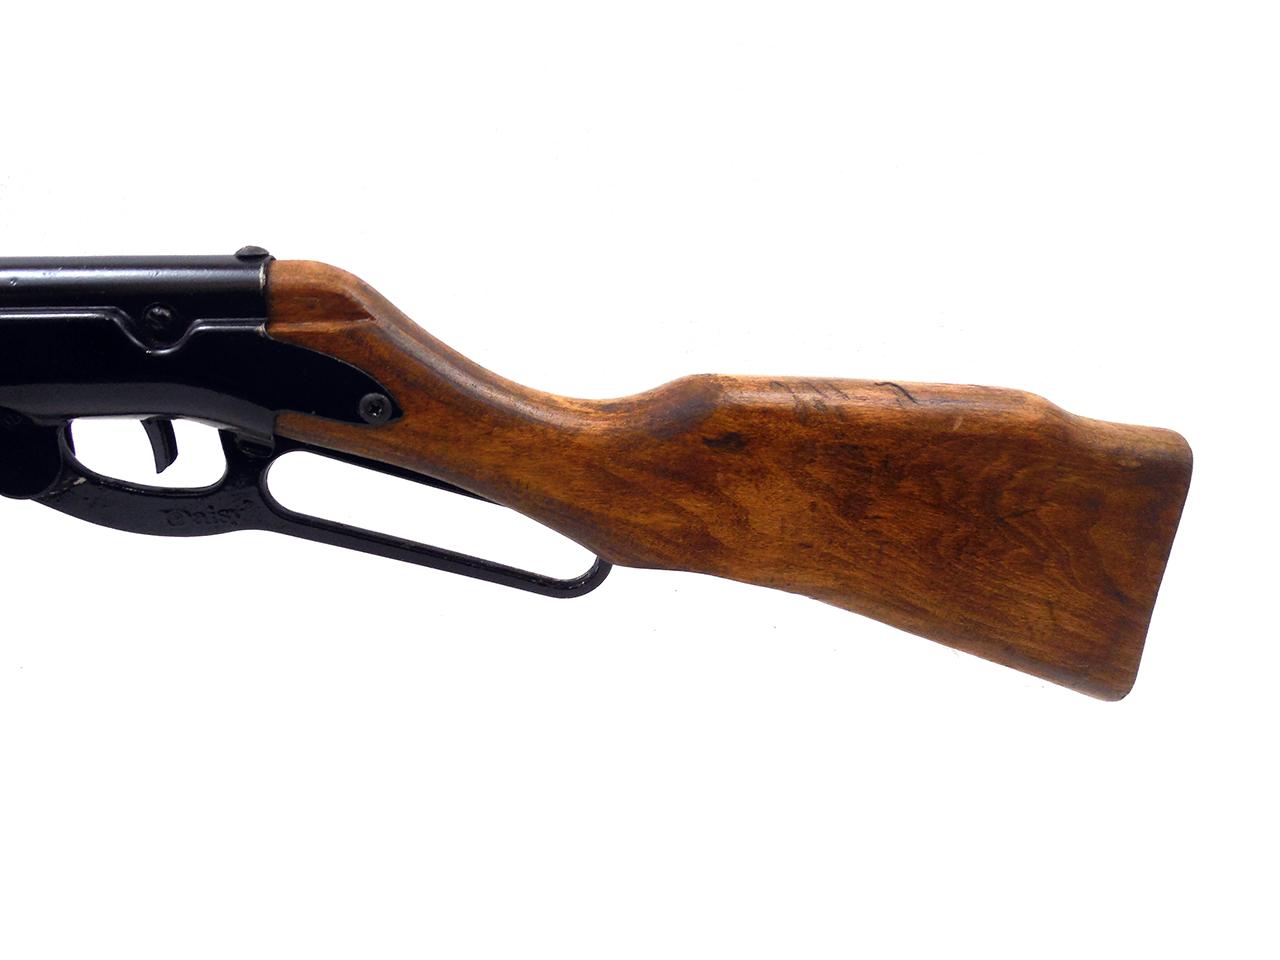 daisy model 96 bb gun manual